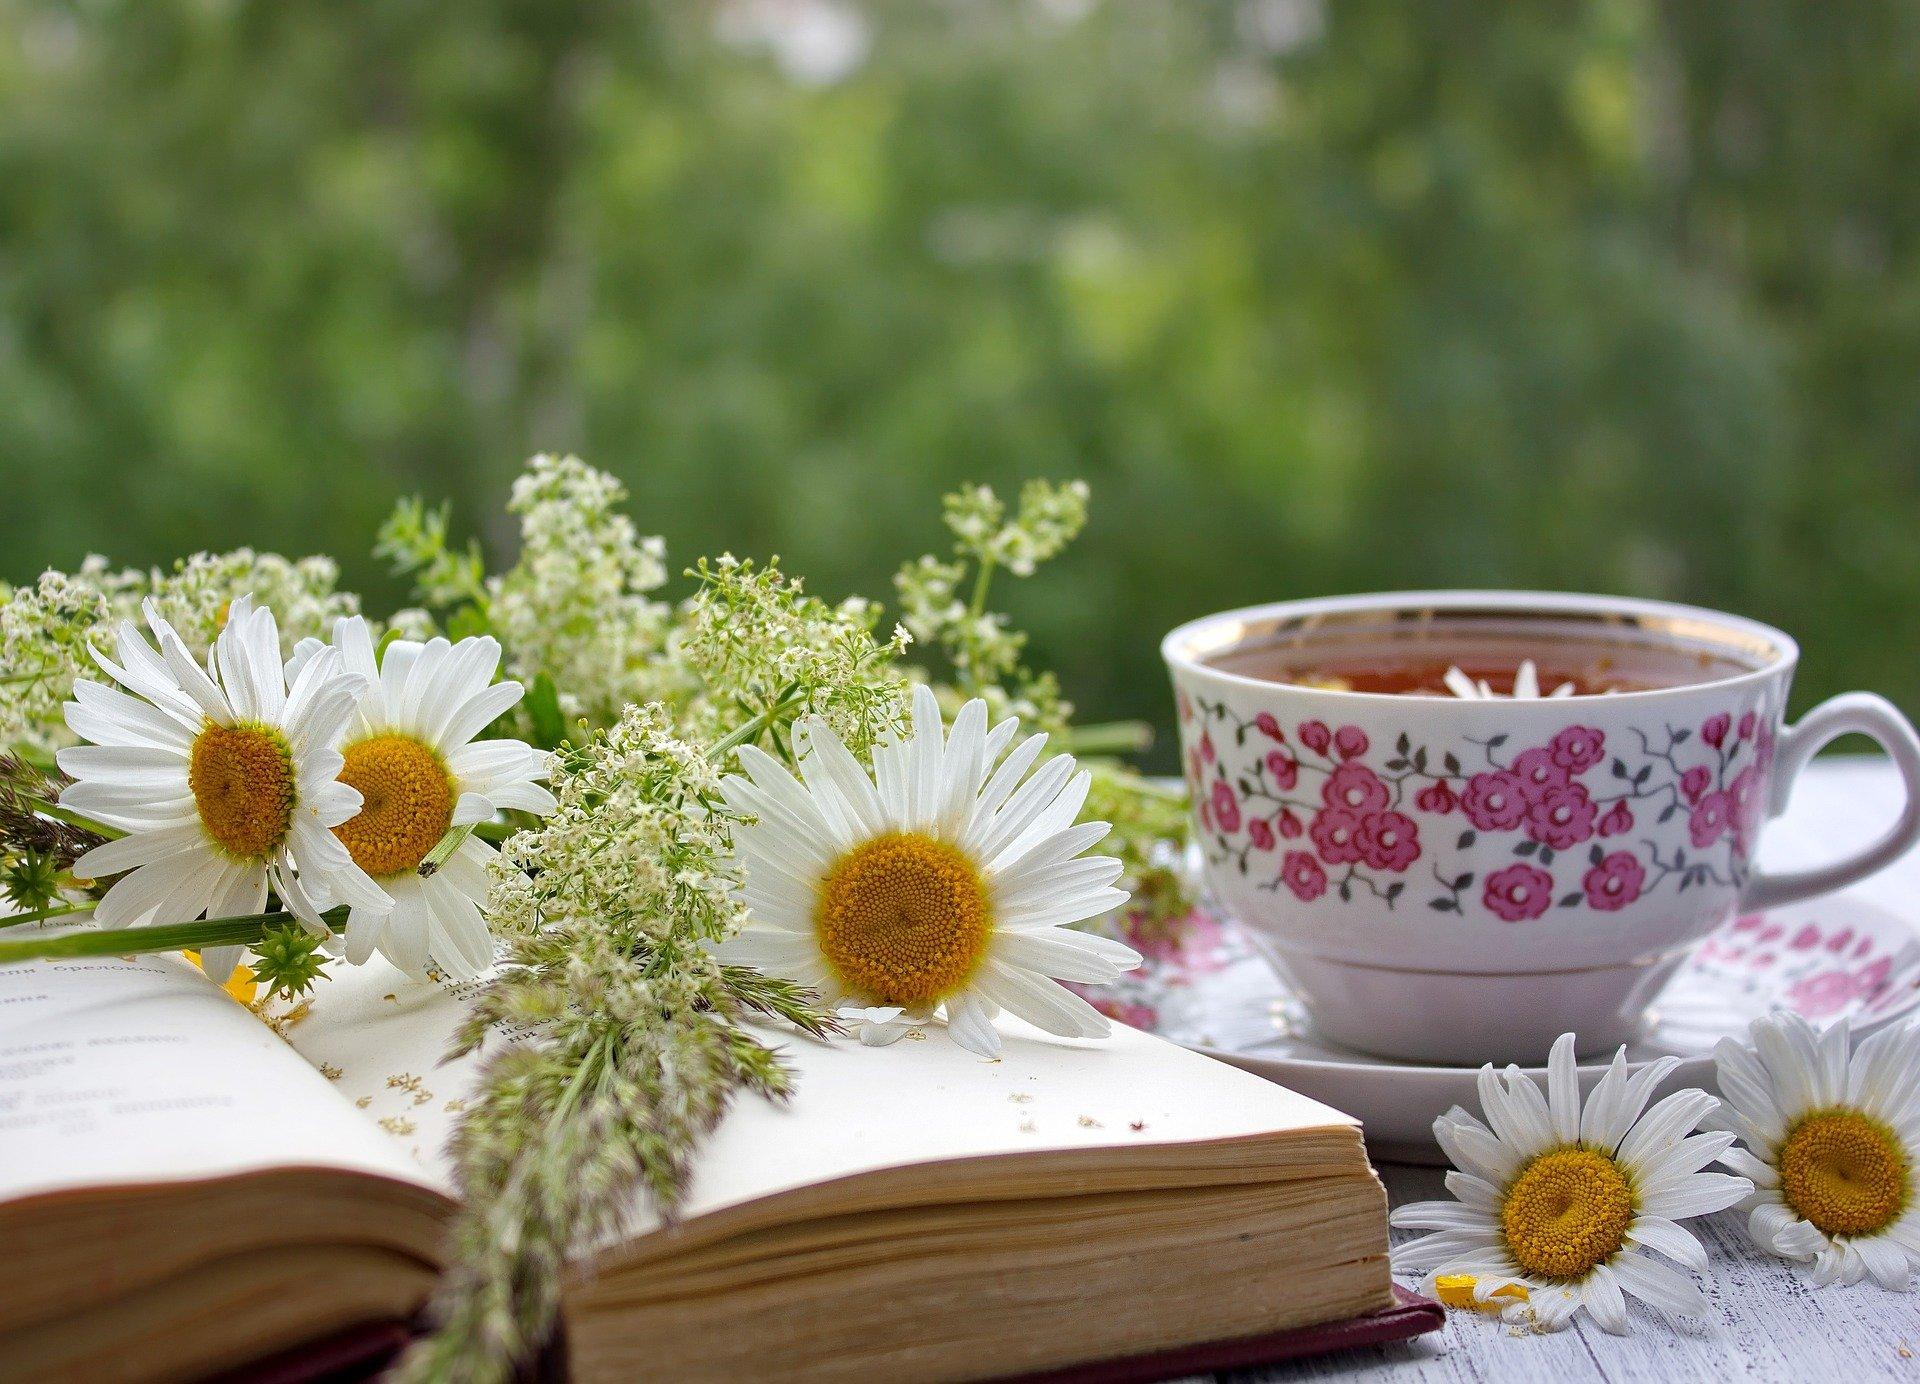 Библиотеки Южного округа столицы подготовили книги для летнего чтения